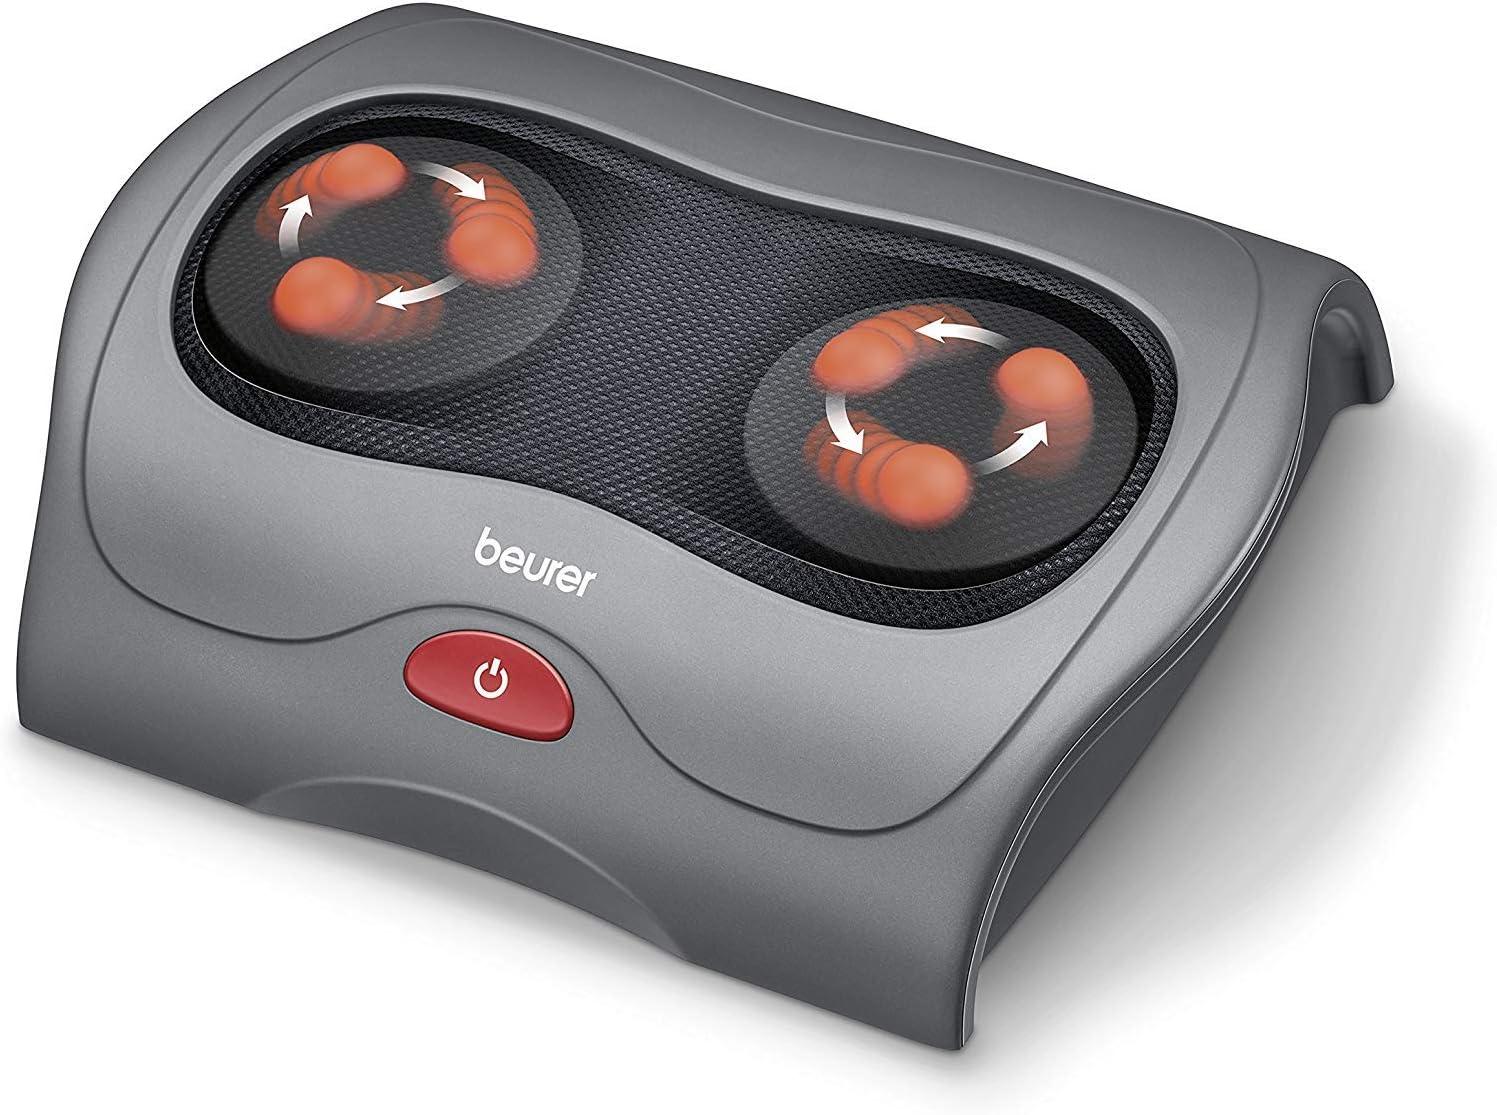 Beurer FM 39 Appareil de massage shiatsu des pieds avec fonction de chaleur et massage de réflexologie plantaire